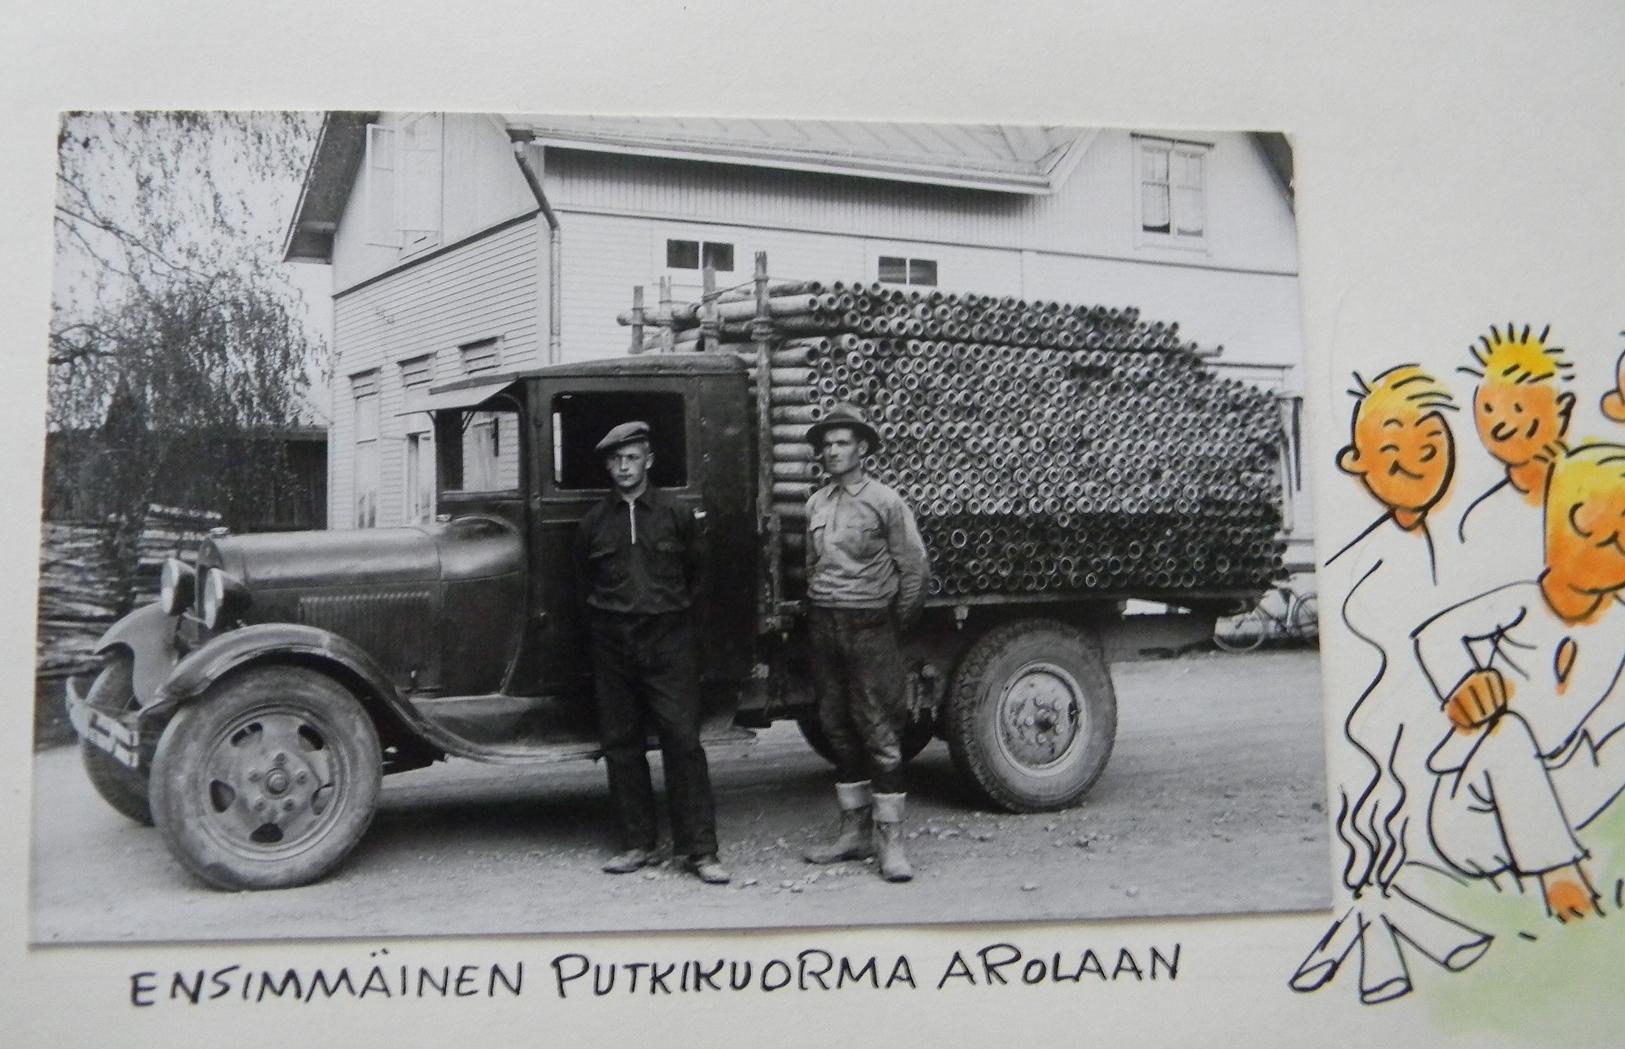 Arolan Kartano